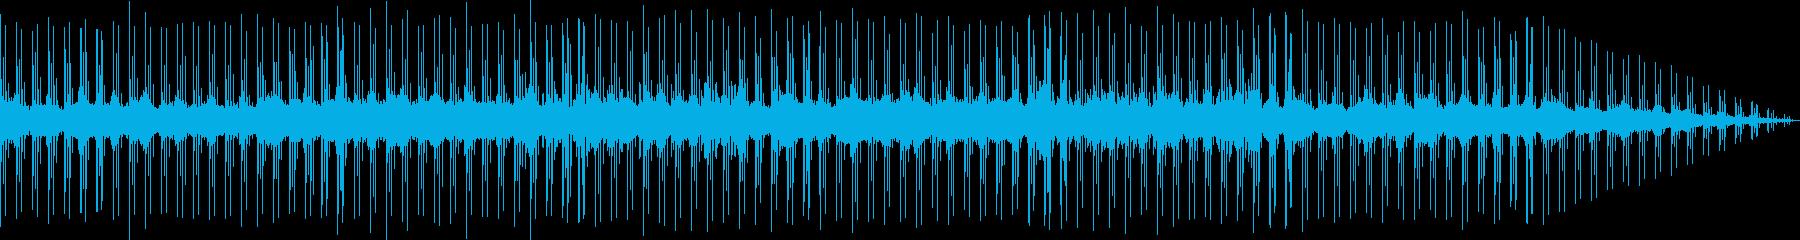 寂しげなテクノ音楽の再生済みの波形